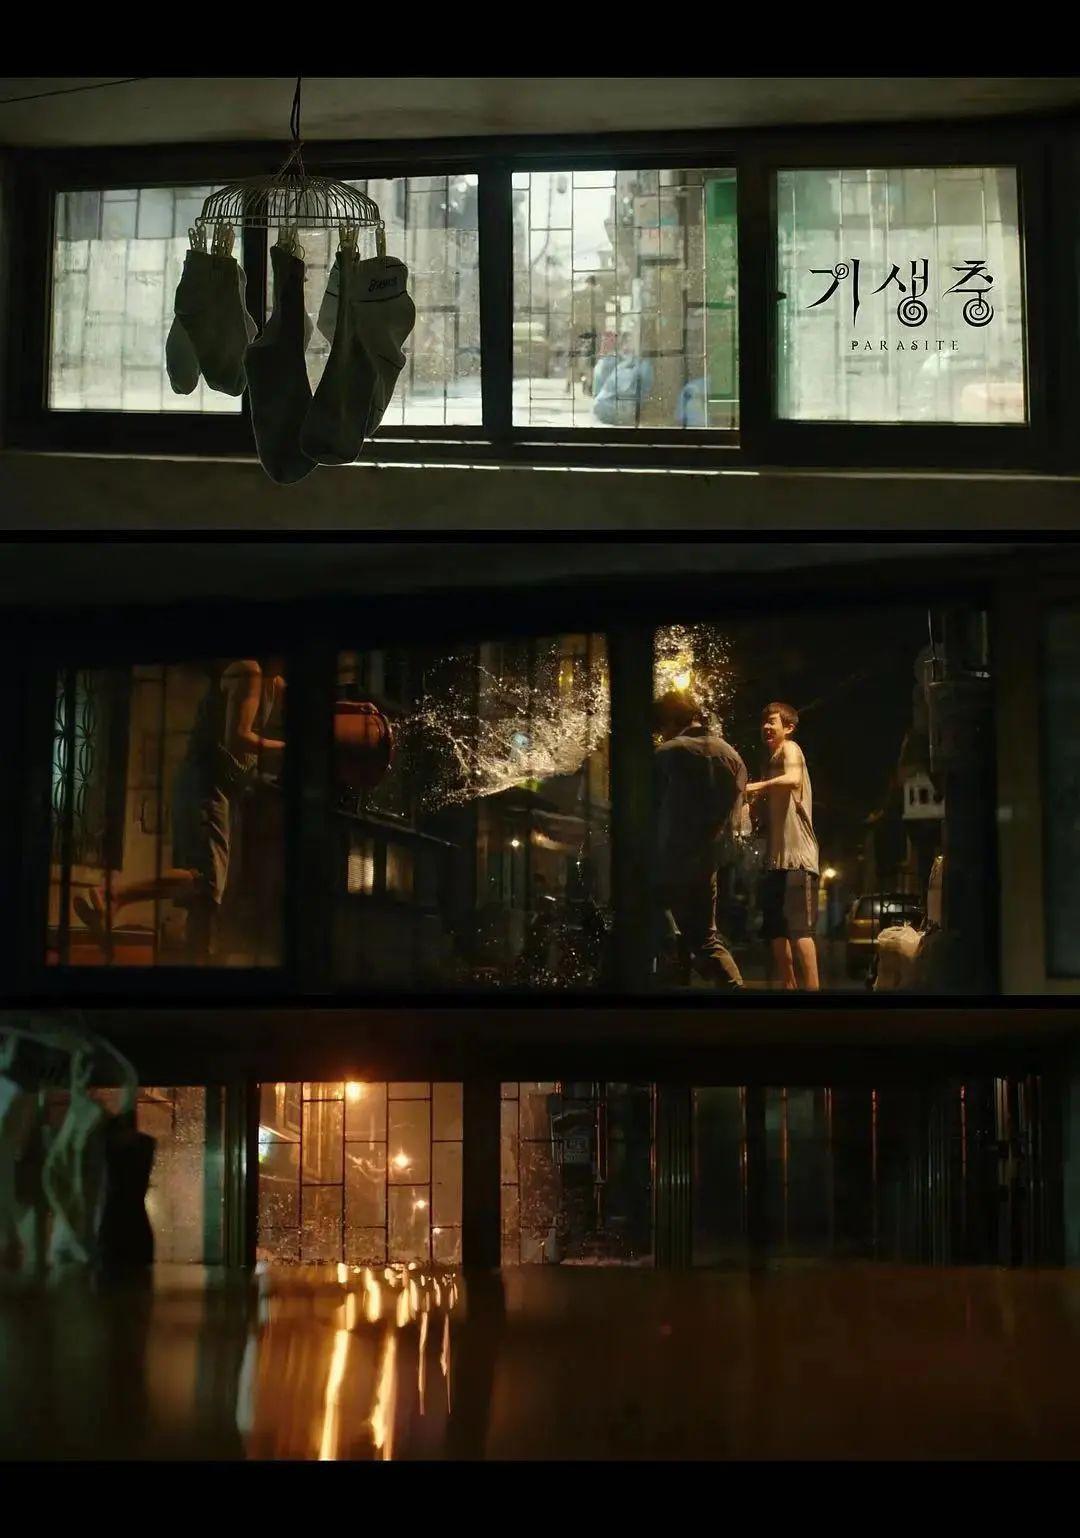 韩国电影导演奉俊昊最大理想就是赤裸裸展现同时代人们生活故事 (5)